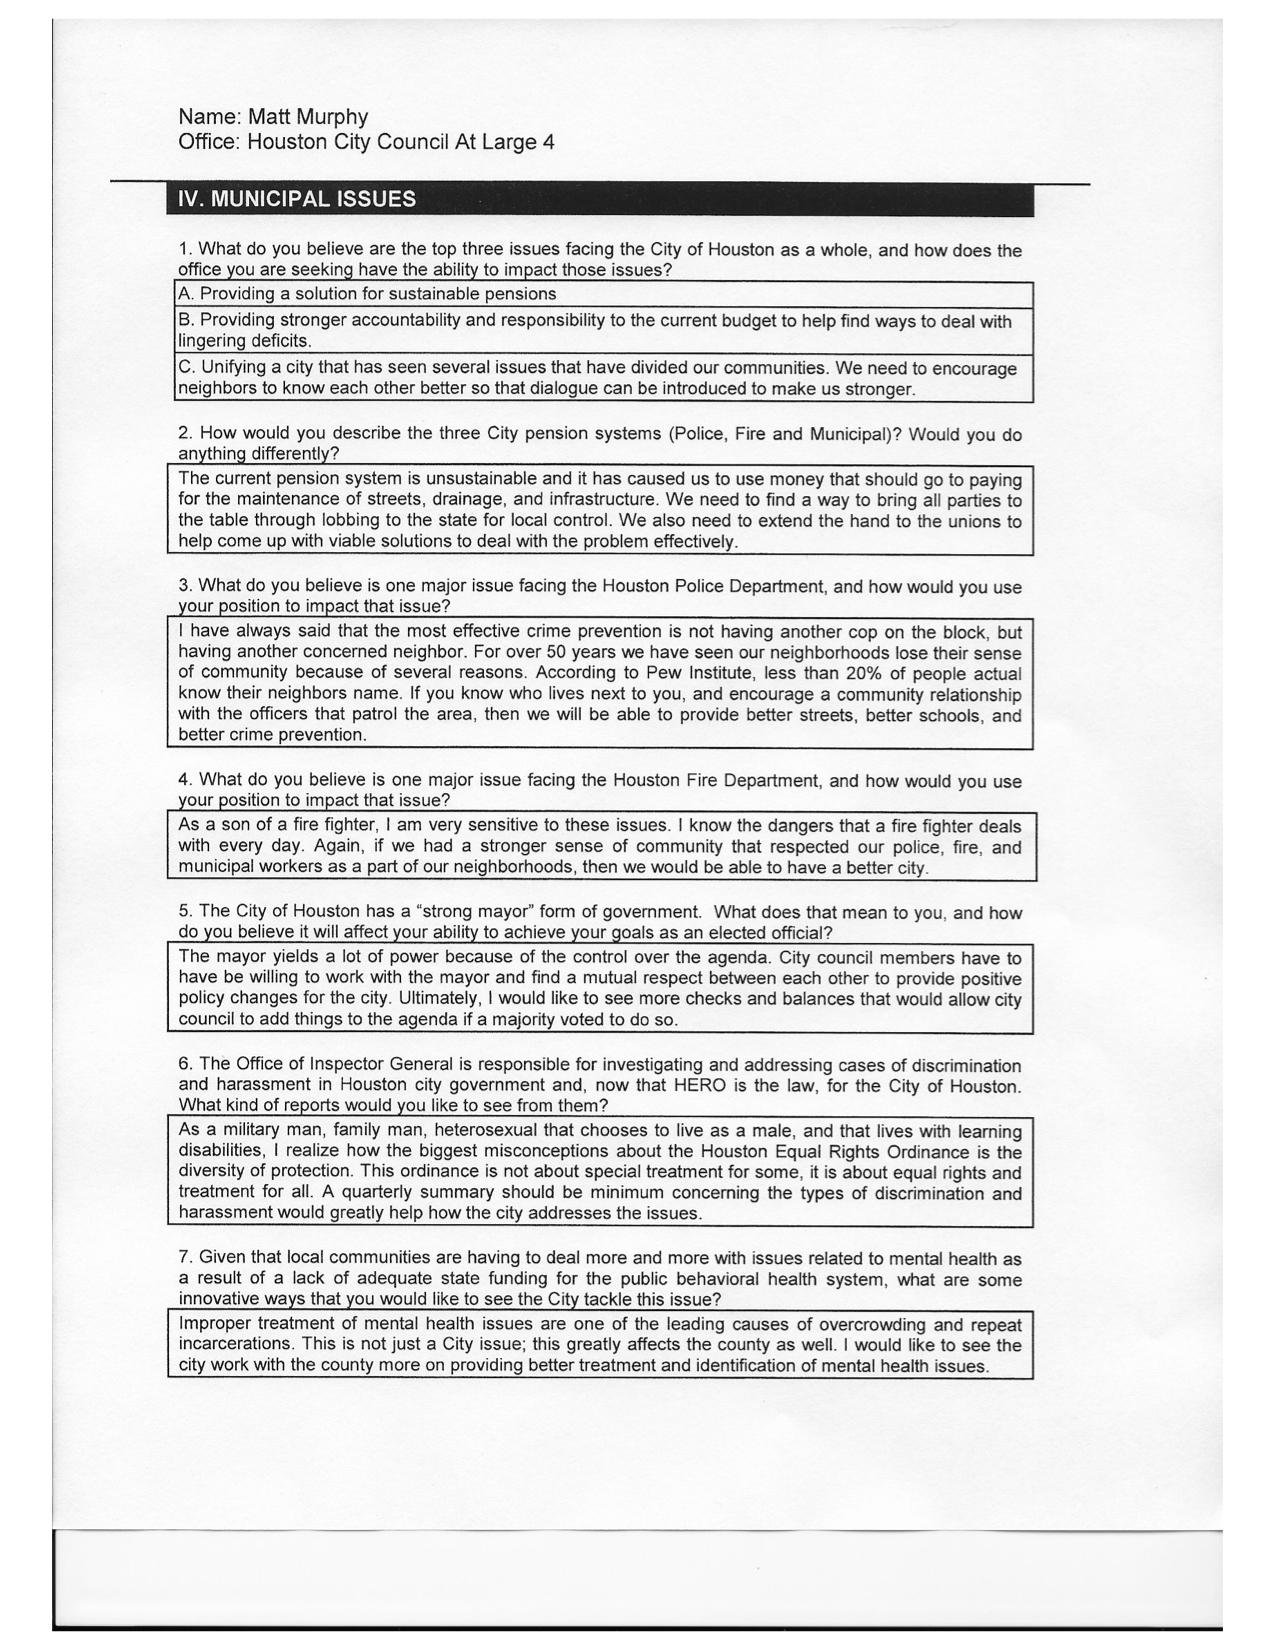 Matt_Murphy_2015_GLBT_Political_Caucus_Candidate_Questionnaire_Page_5.jpg